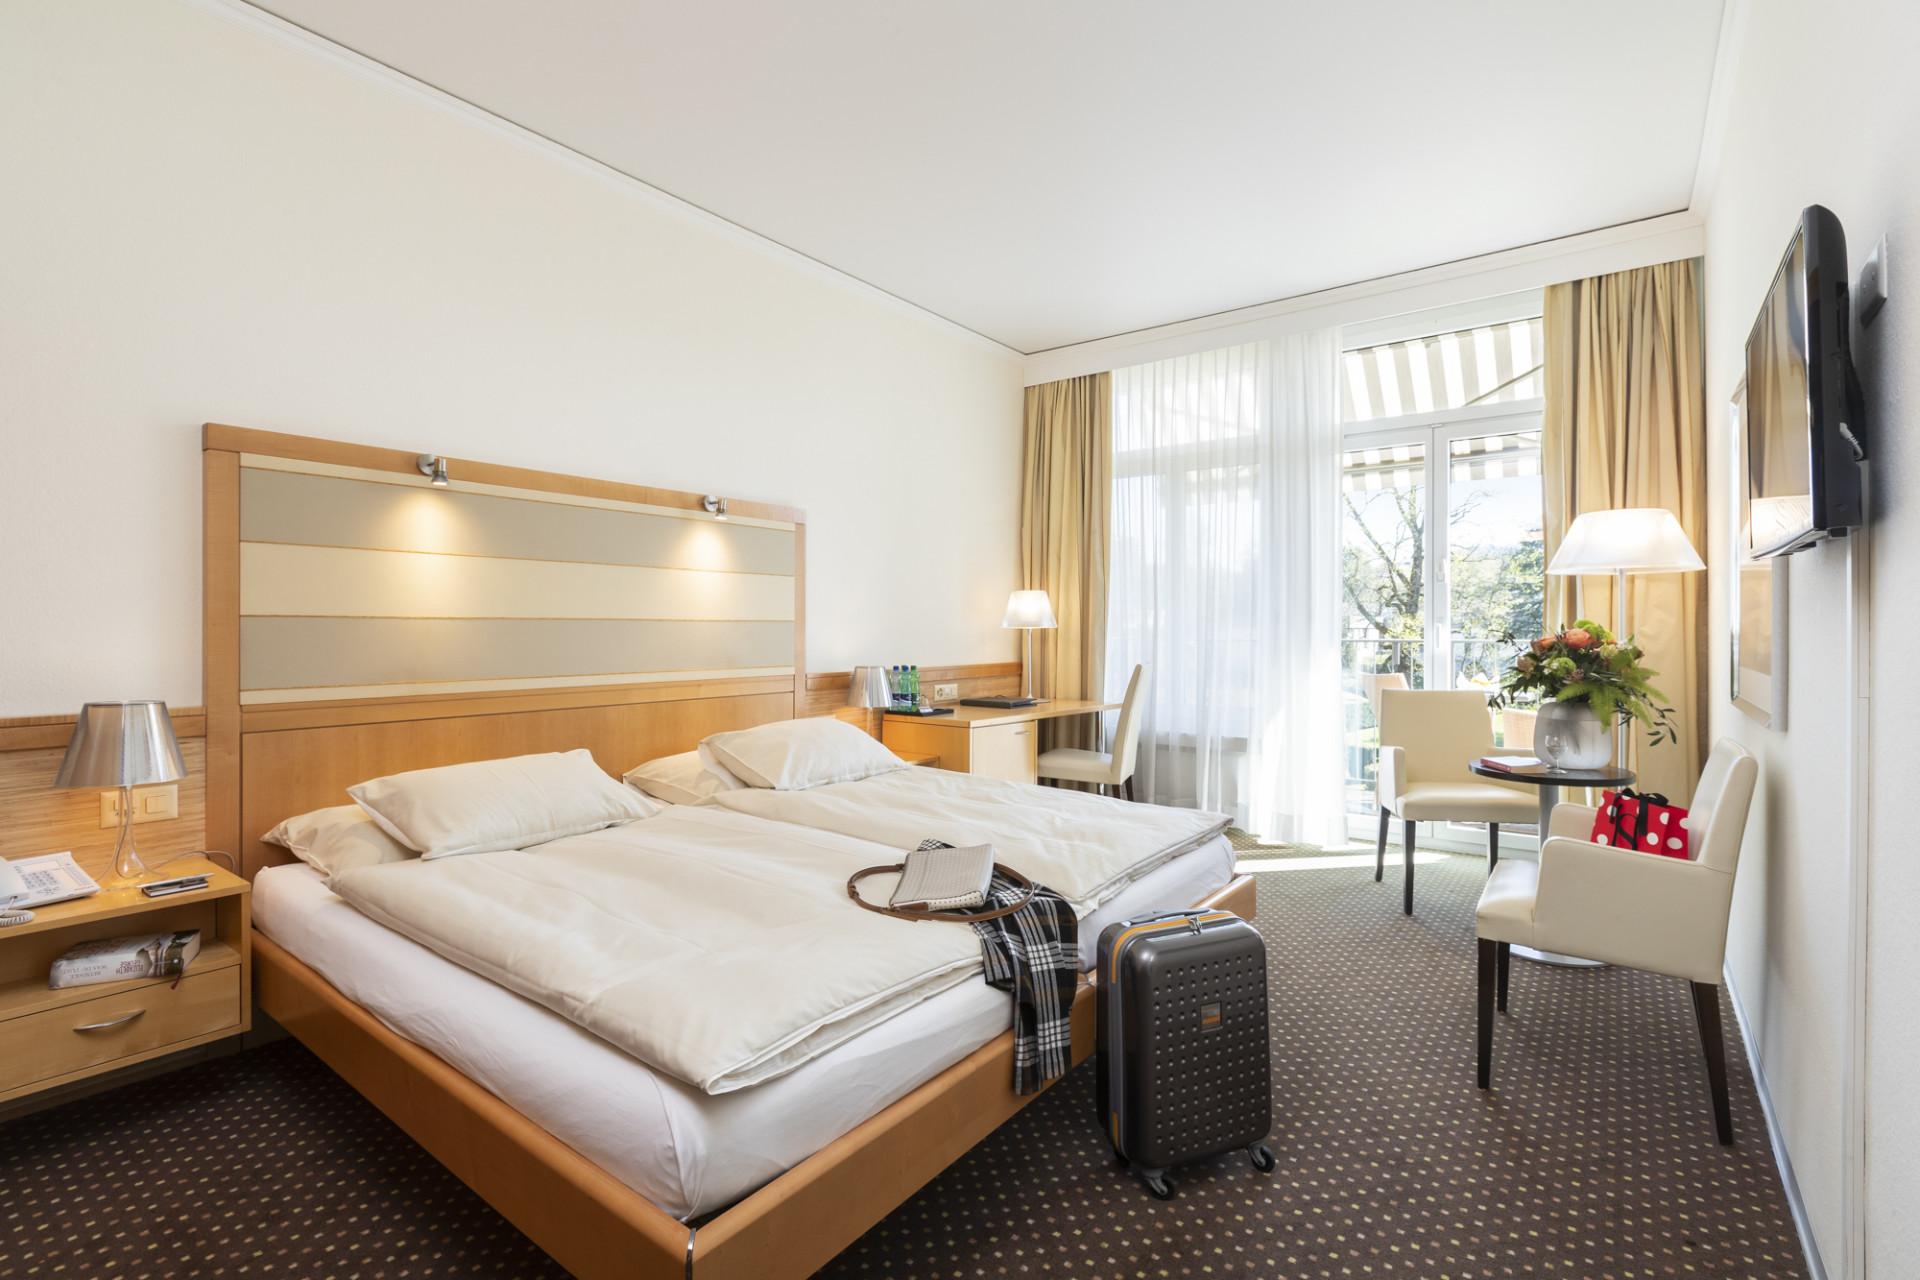 Doppelzimmer im Park-Hotel am Rhein